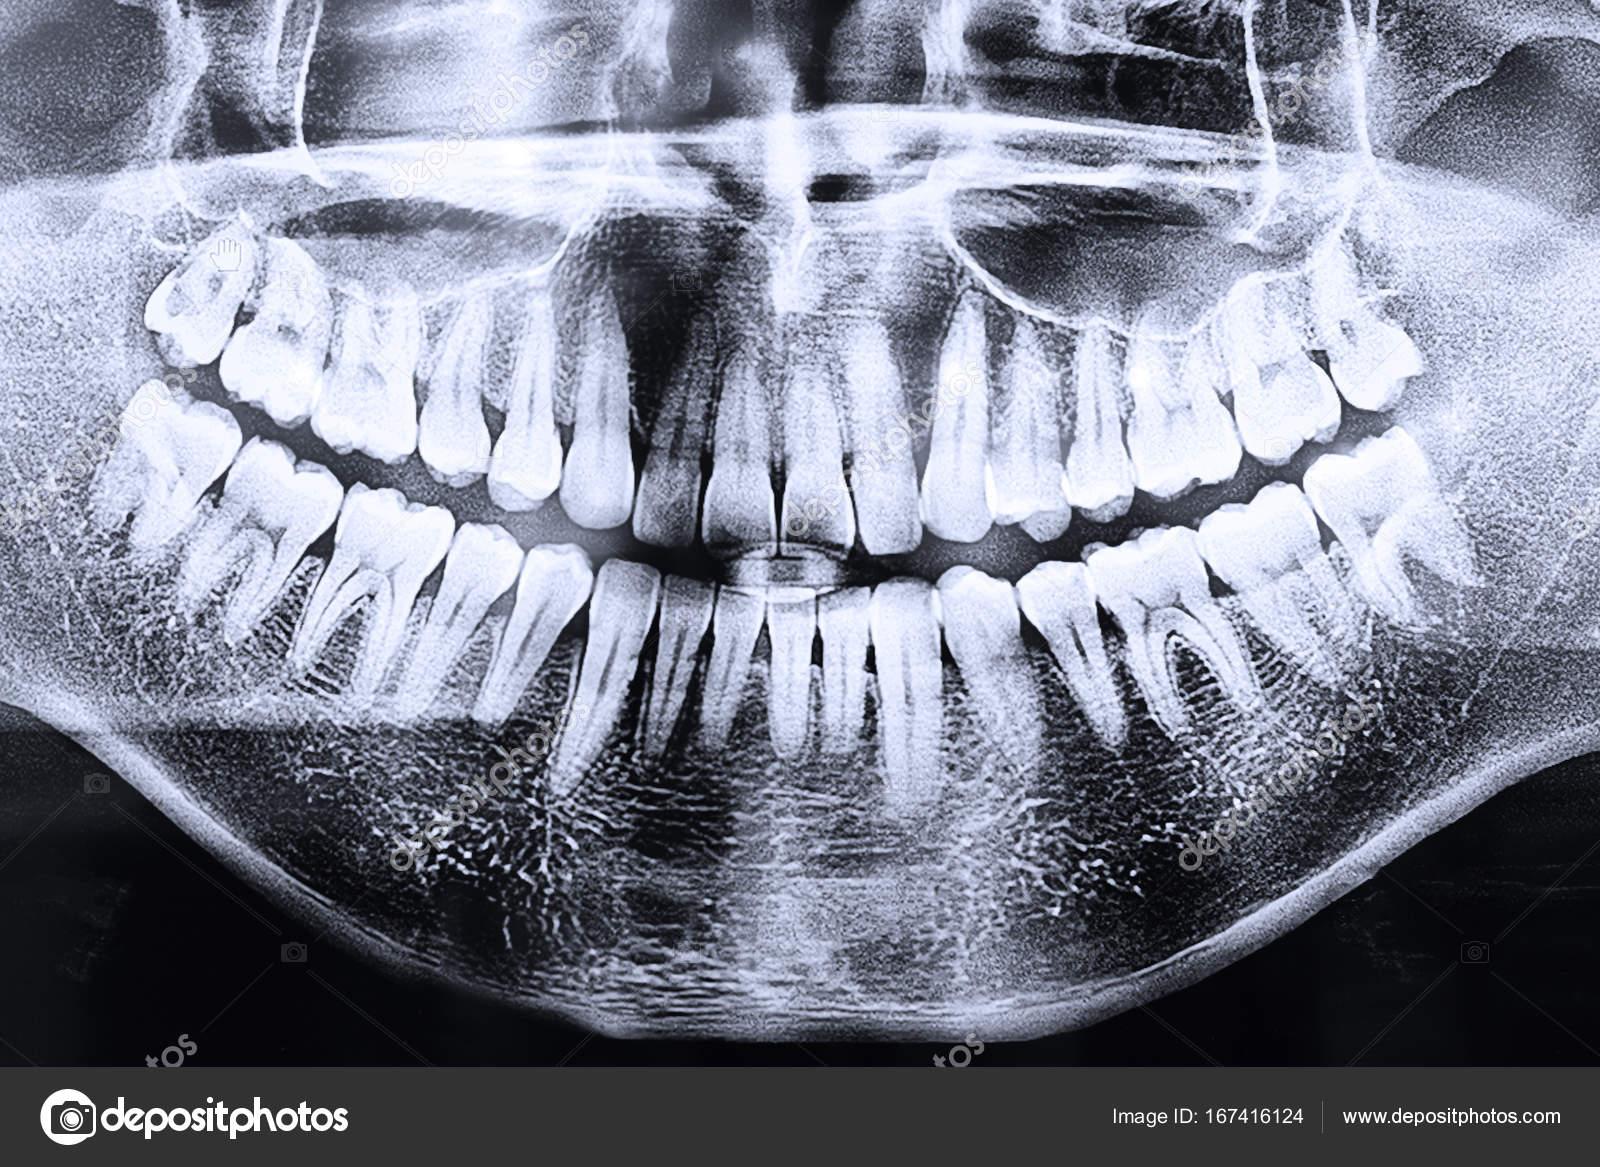 radiografía panorámica dental — Foto de stock © czdistagon #167416124